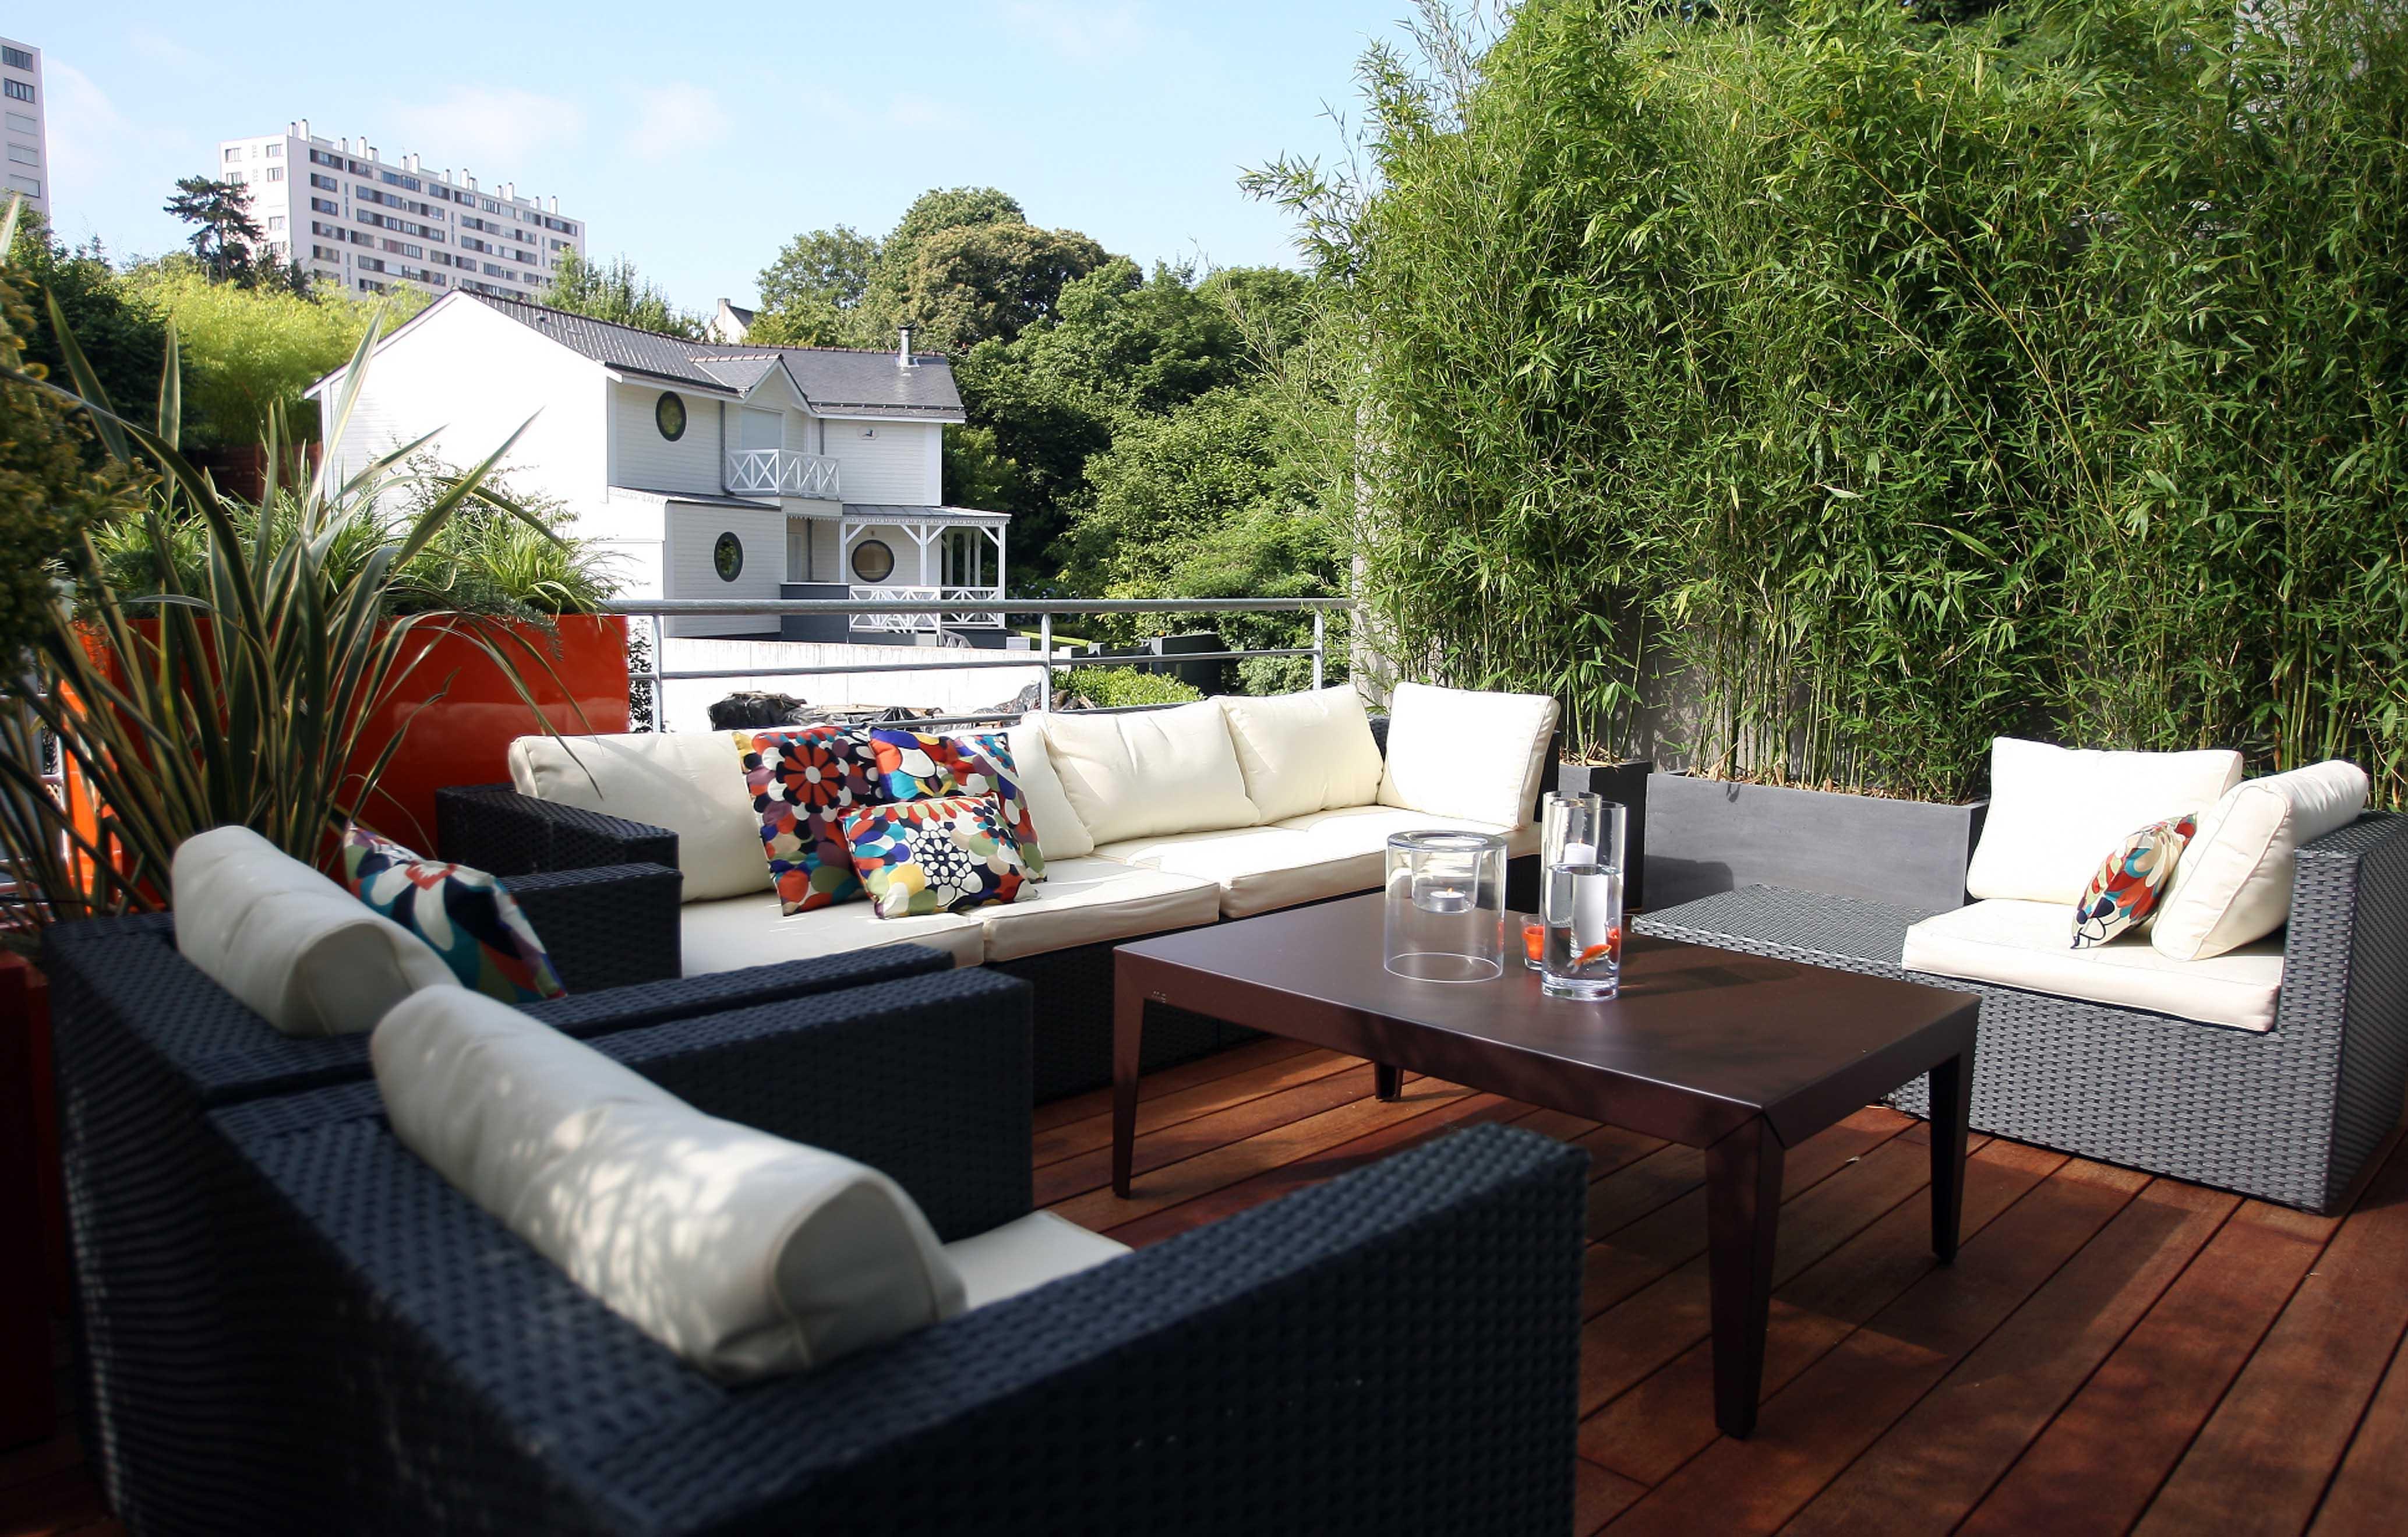 Comment Cacher Sa Terrasse balcons et terrasses : végétalisez ! - jardins de france